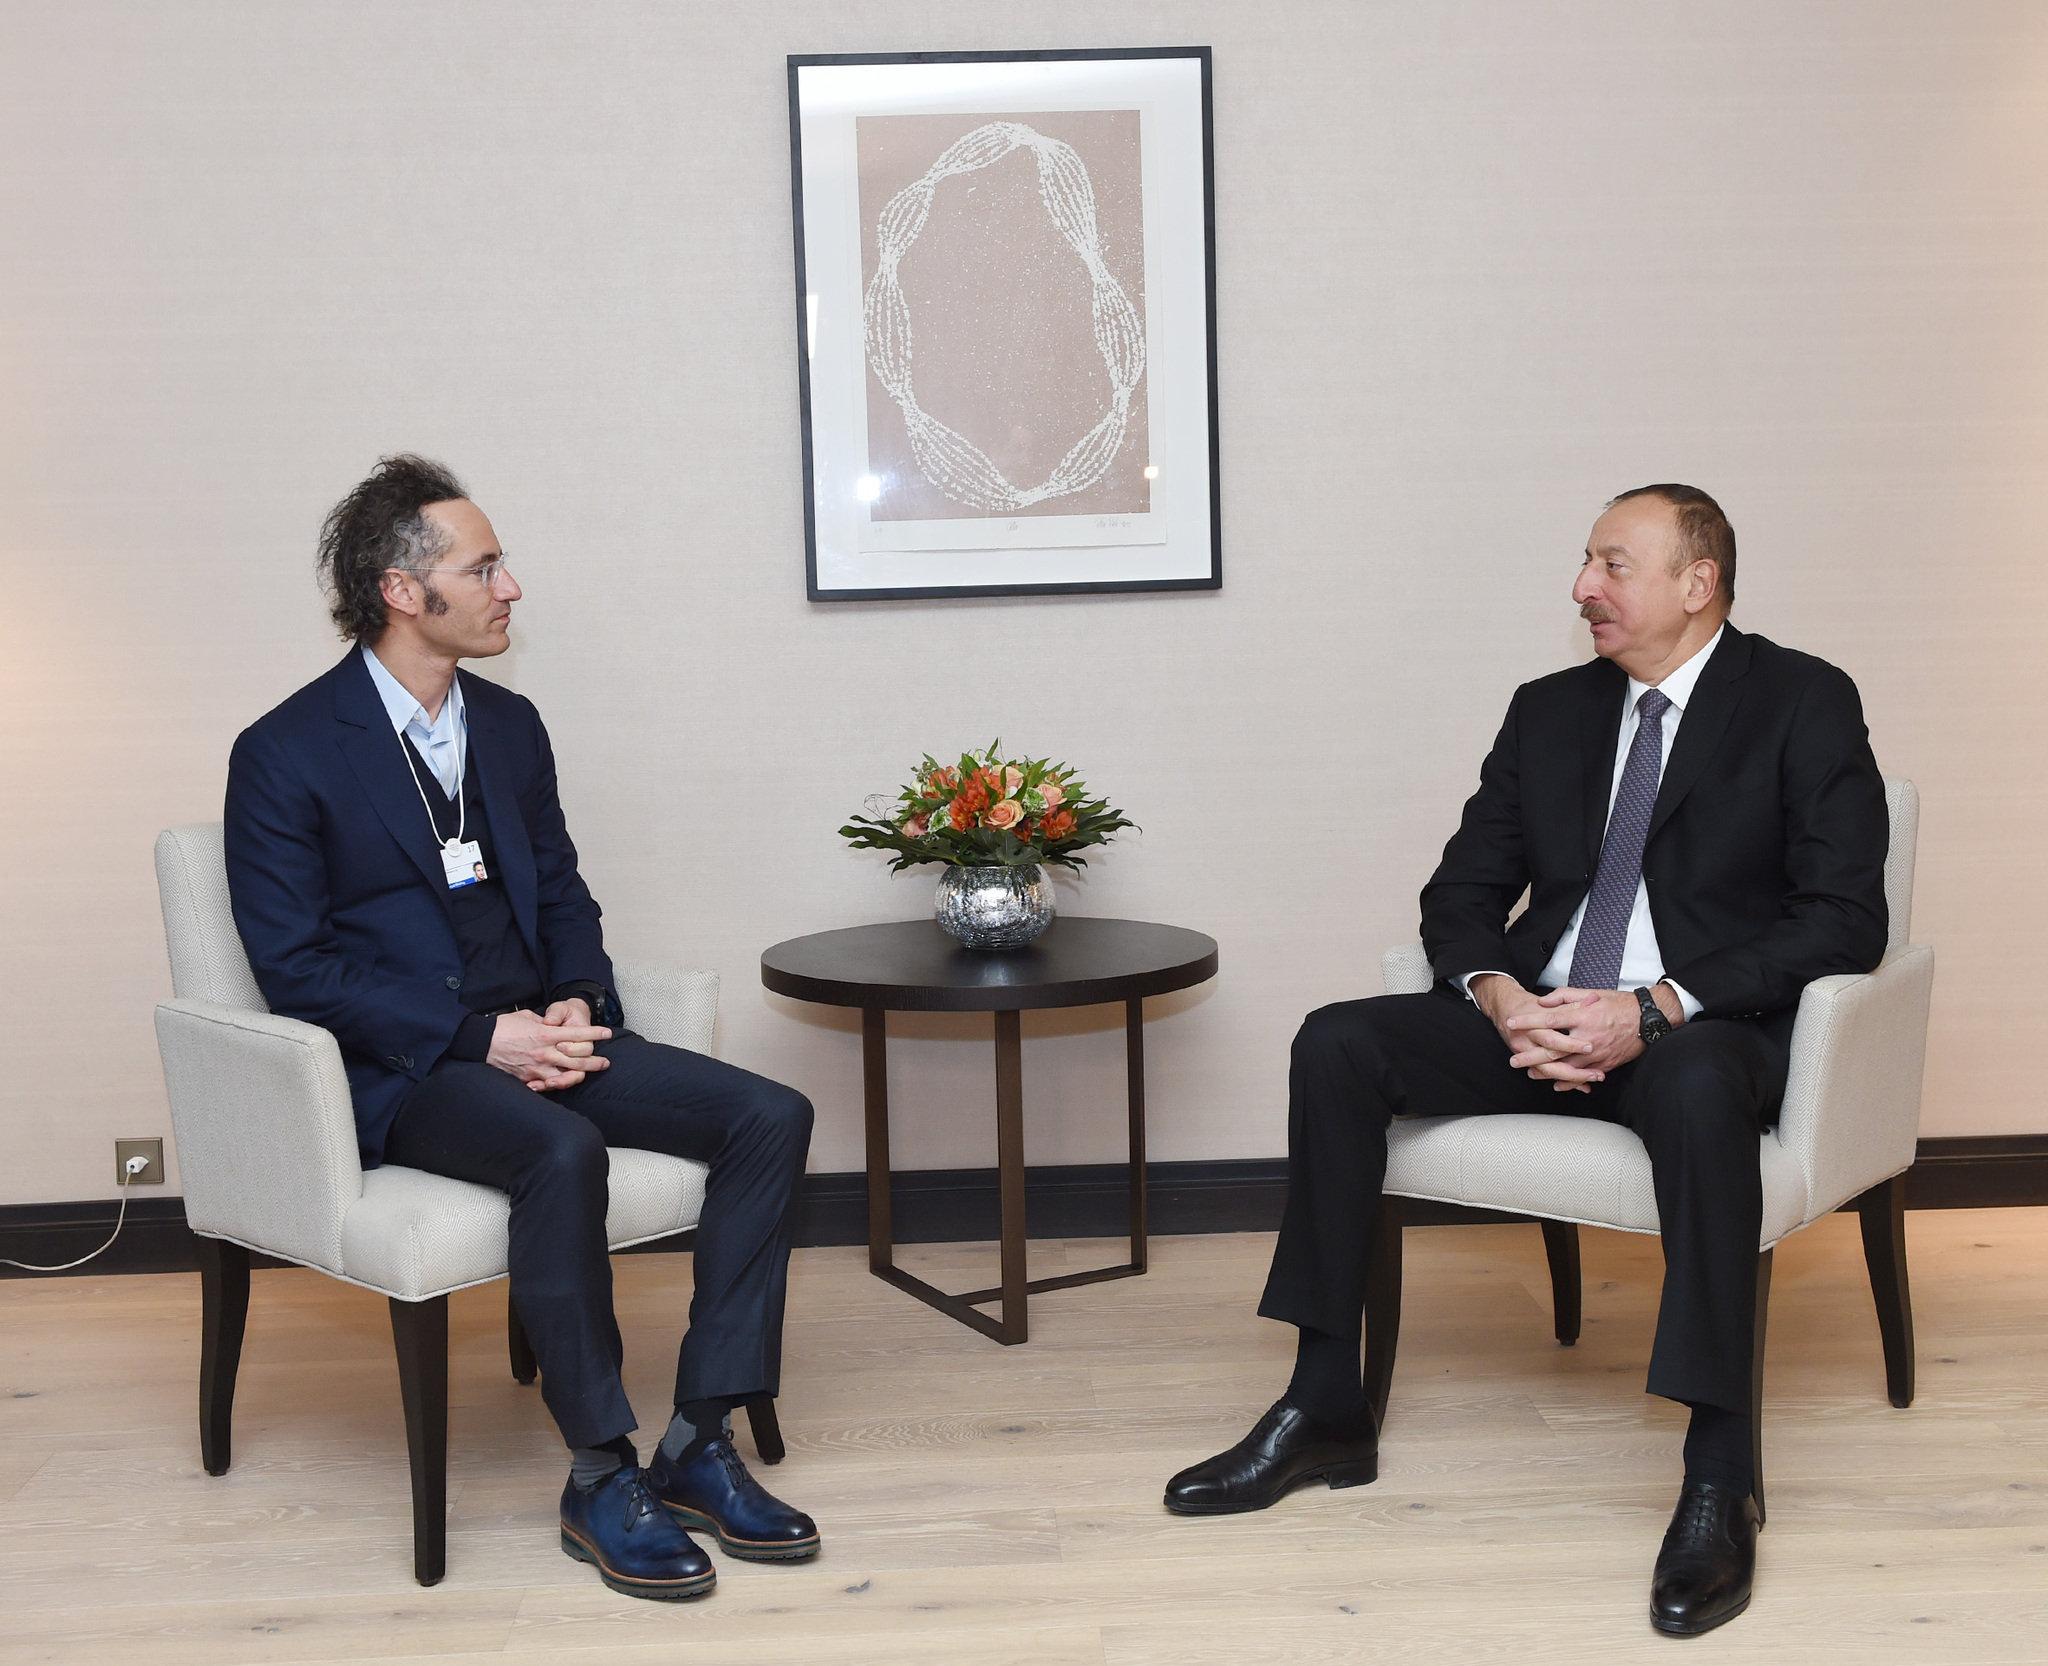 Учредитель компании Palantir Technologies Алекс Карп на встрече с Президентом Азербайджана Ильхамом Алиевым